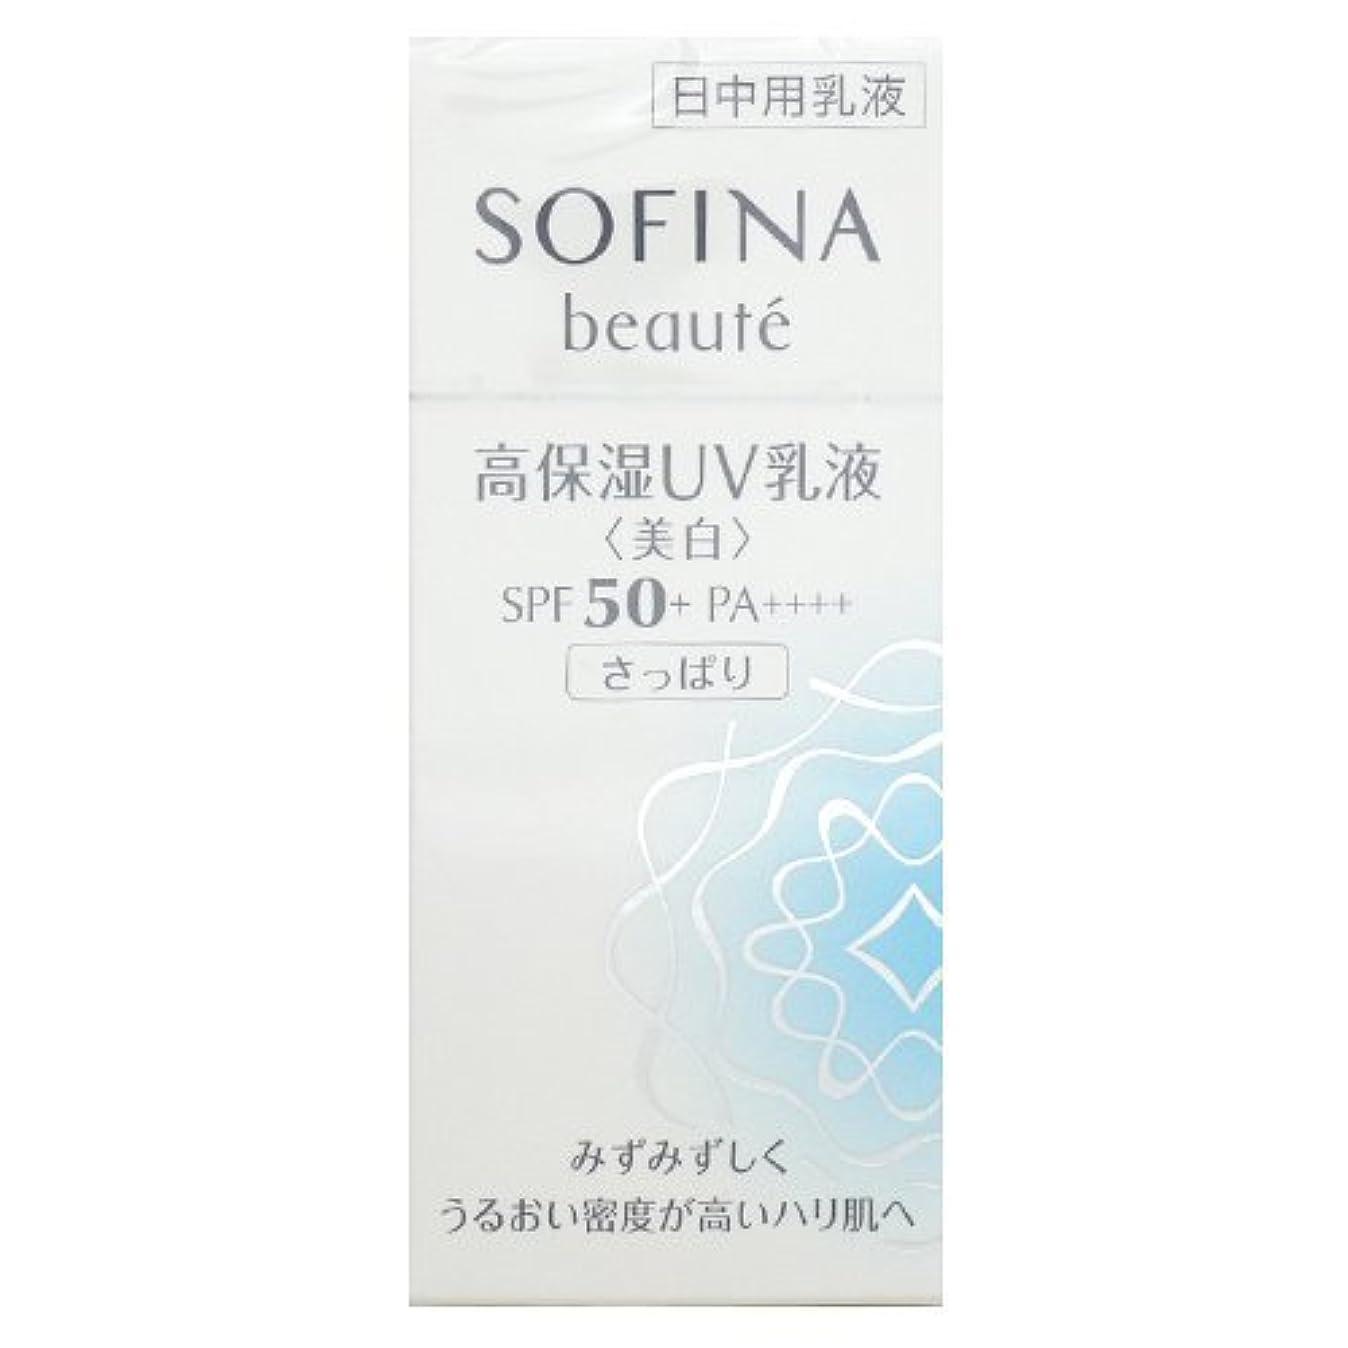 残りウェーハ明示的に花王 ソフィーナ ボーテ SOFINA beaute 高保湿UV乳液 美白 SPF50+ PA++++ さっぱり 30mL [並行輸入品]